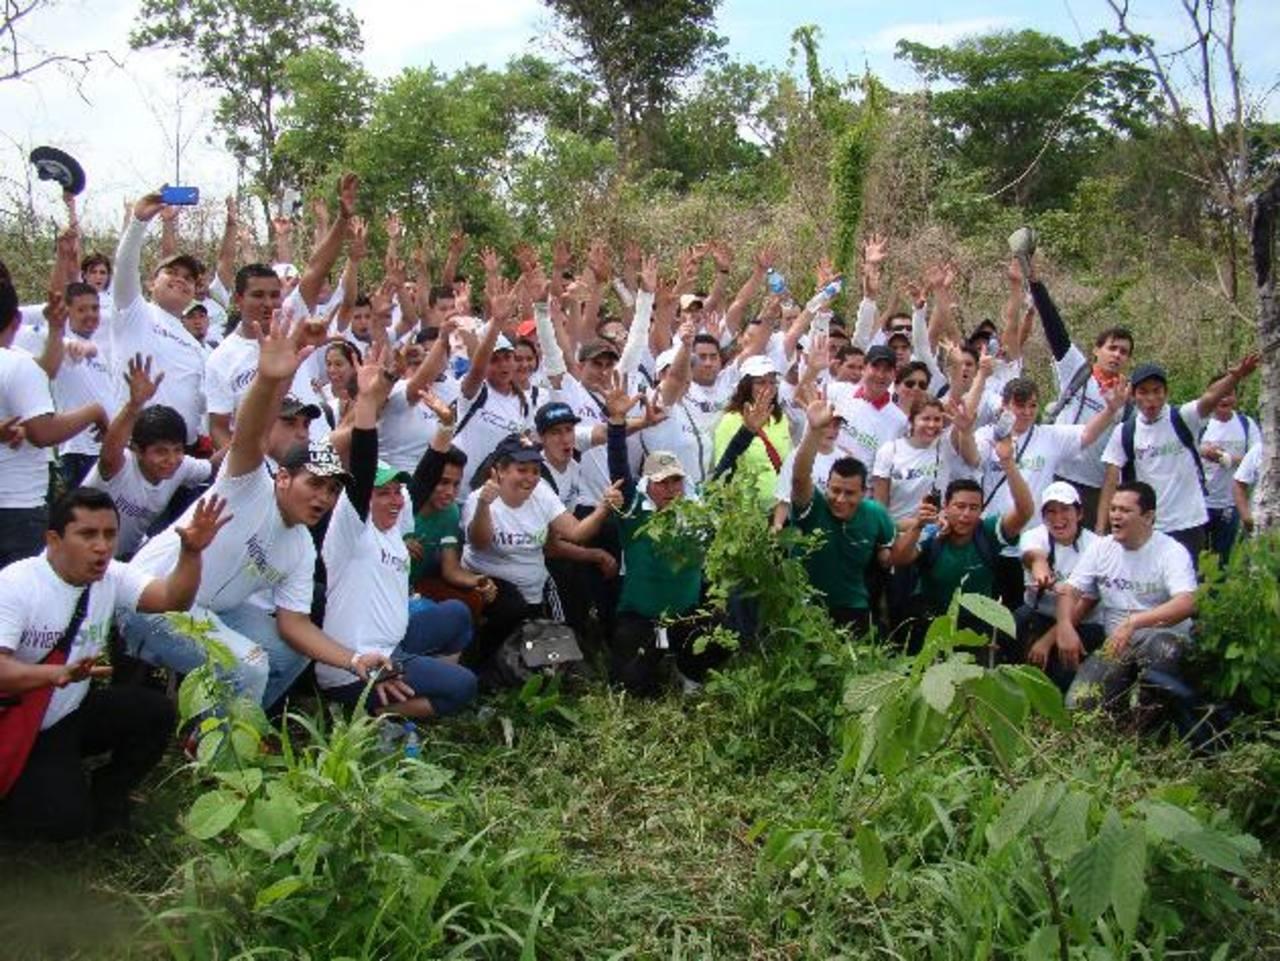 Los voluntarios en un momento de convivencia durante la jornada. Foto EDH / Cortesía